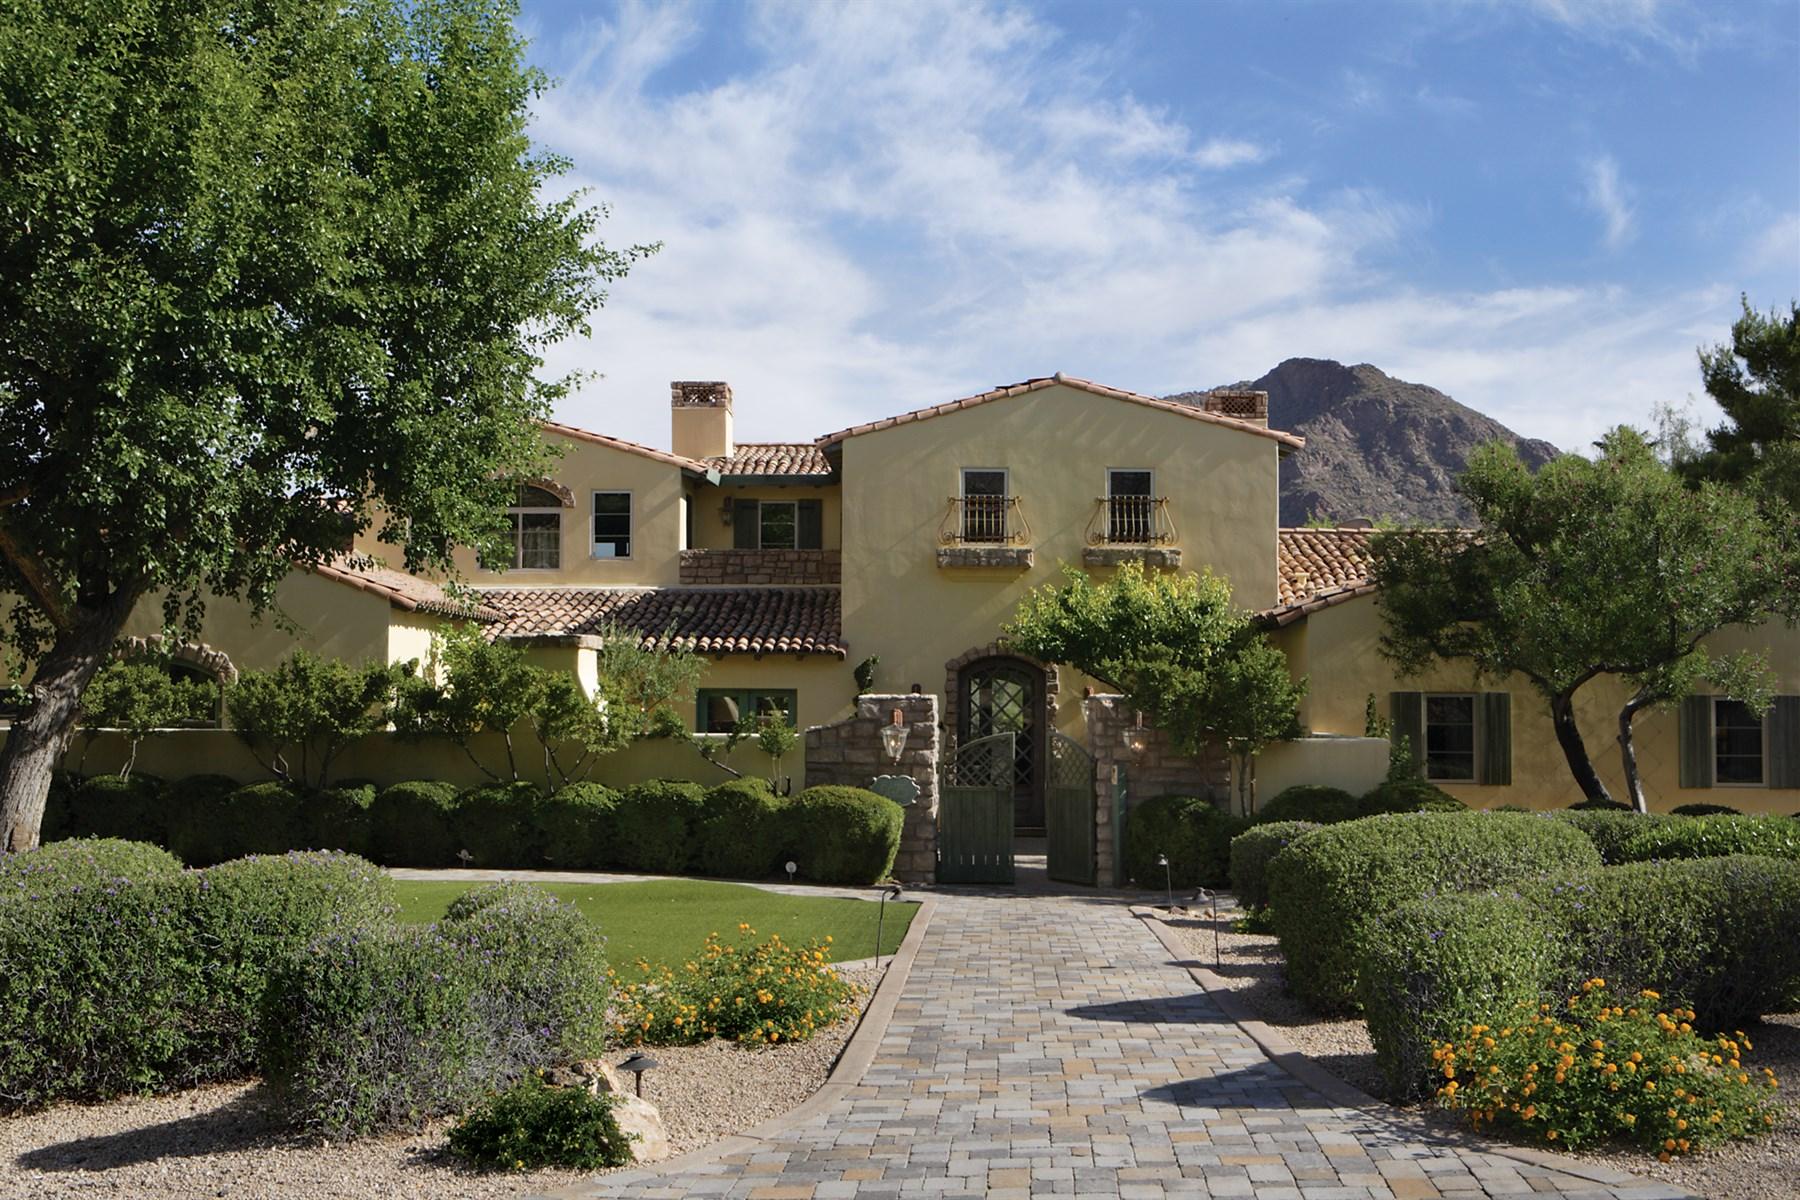 Maison unifamiliale pour l Vente à Romantic French Country Estate 5675 E Cactus Wren Rd Paradise Valley, Arizona, 85253 États-Unis